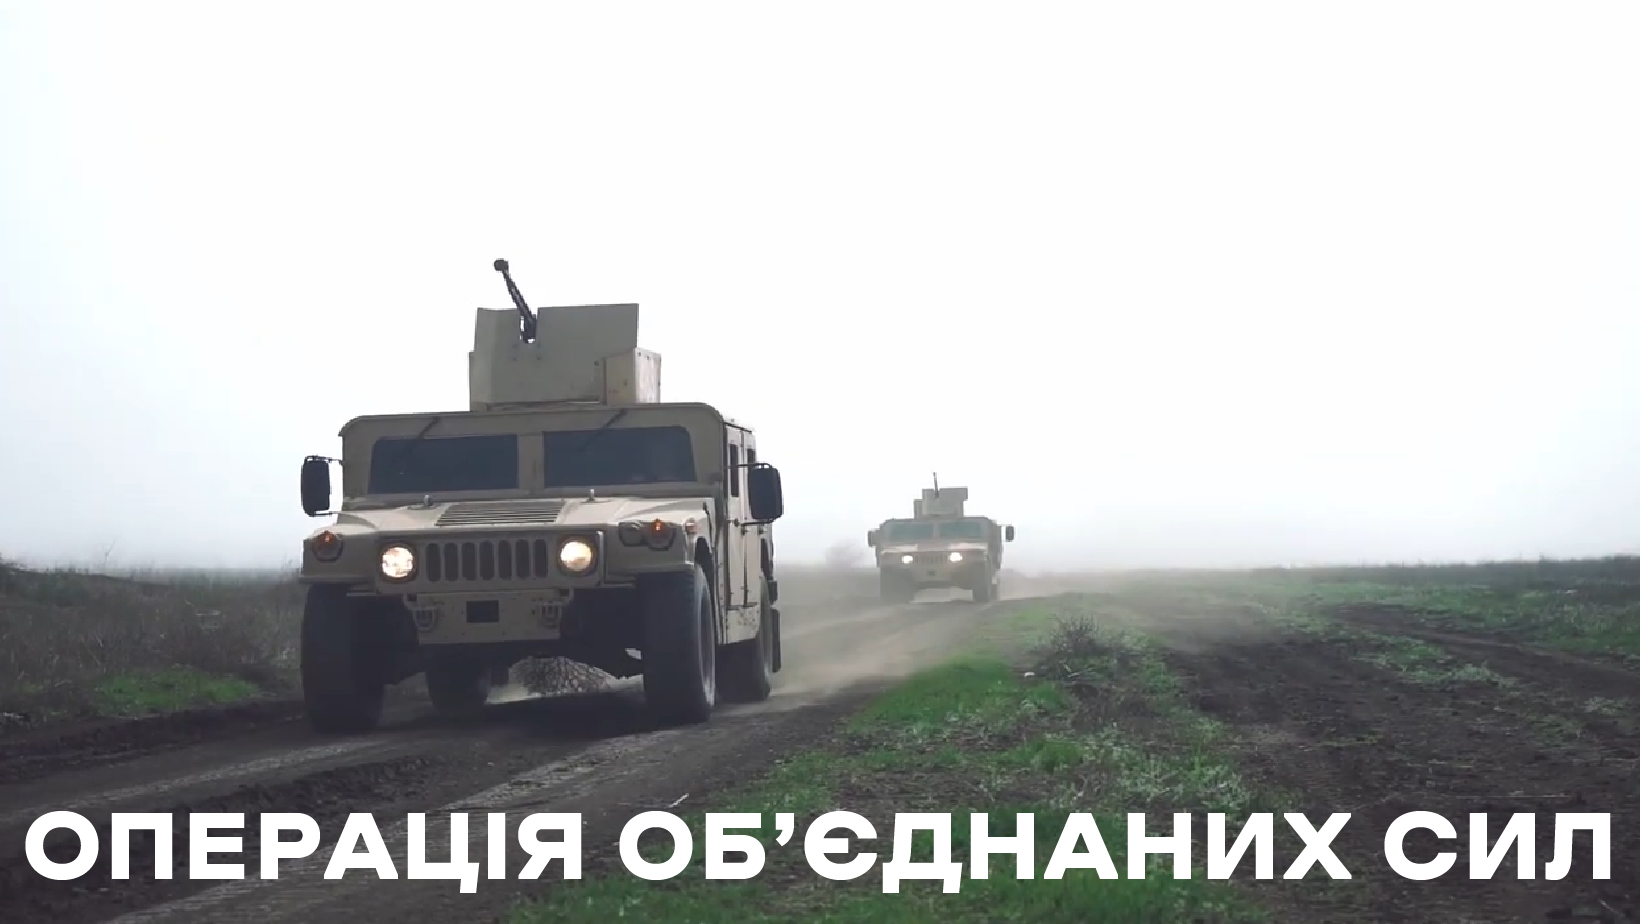 Операция на Донбассе: двое военнослужащих подорвались на мине